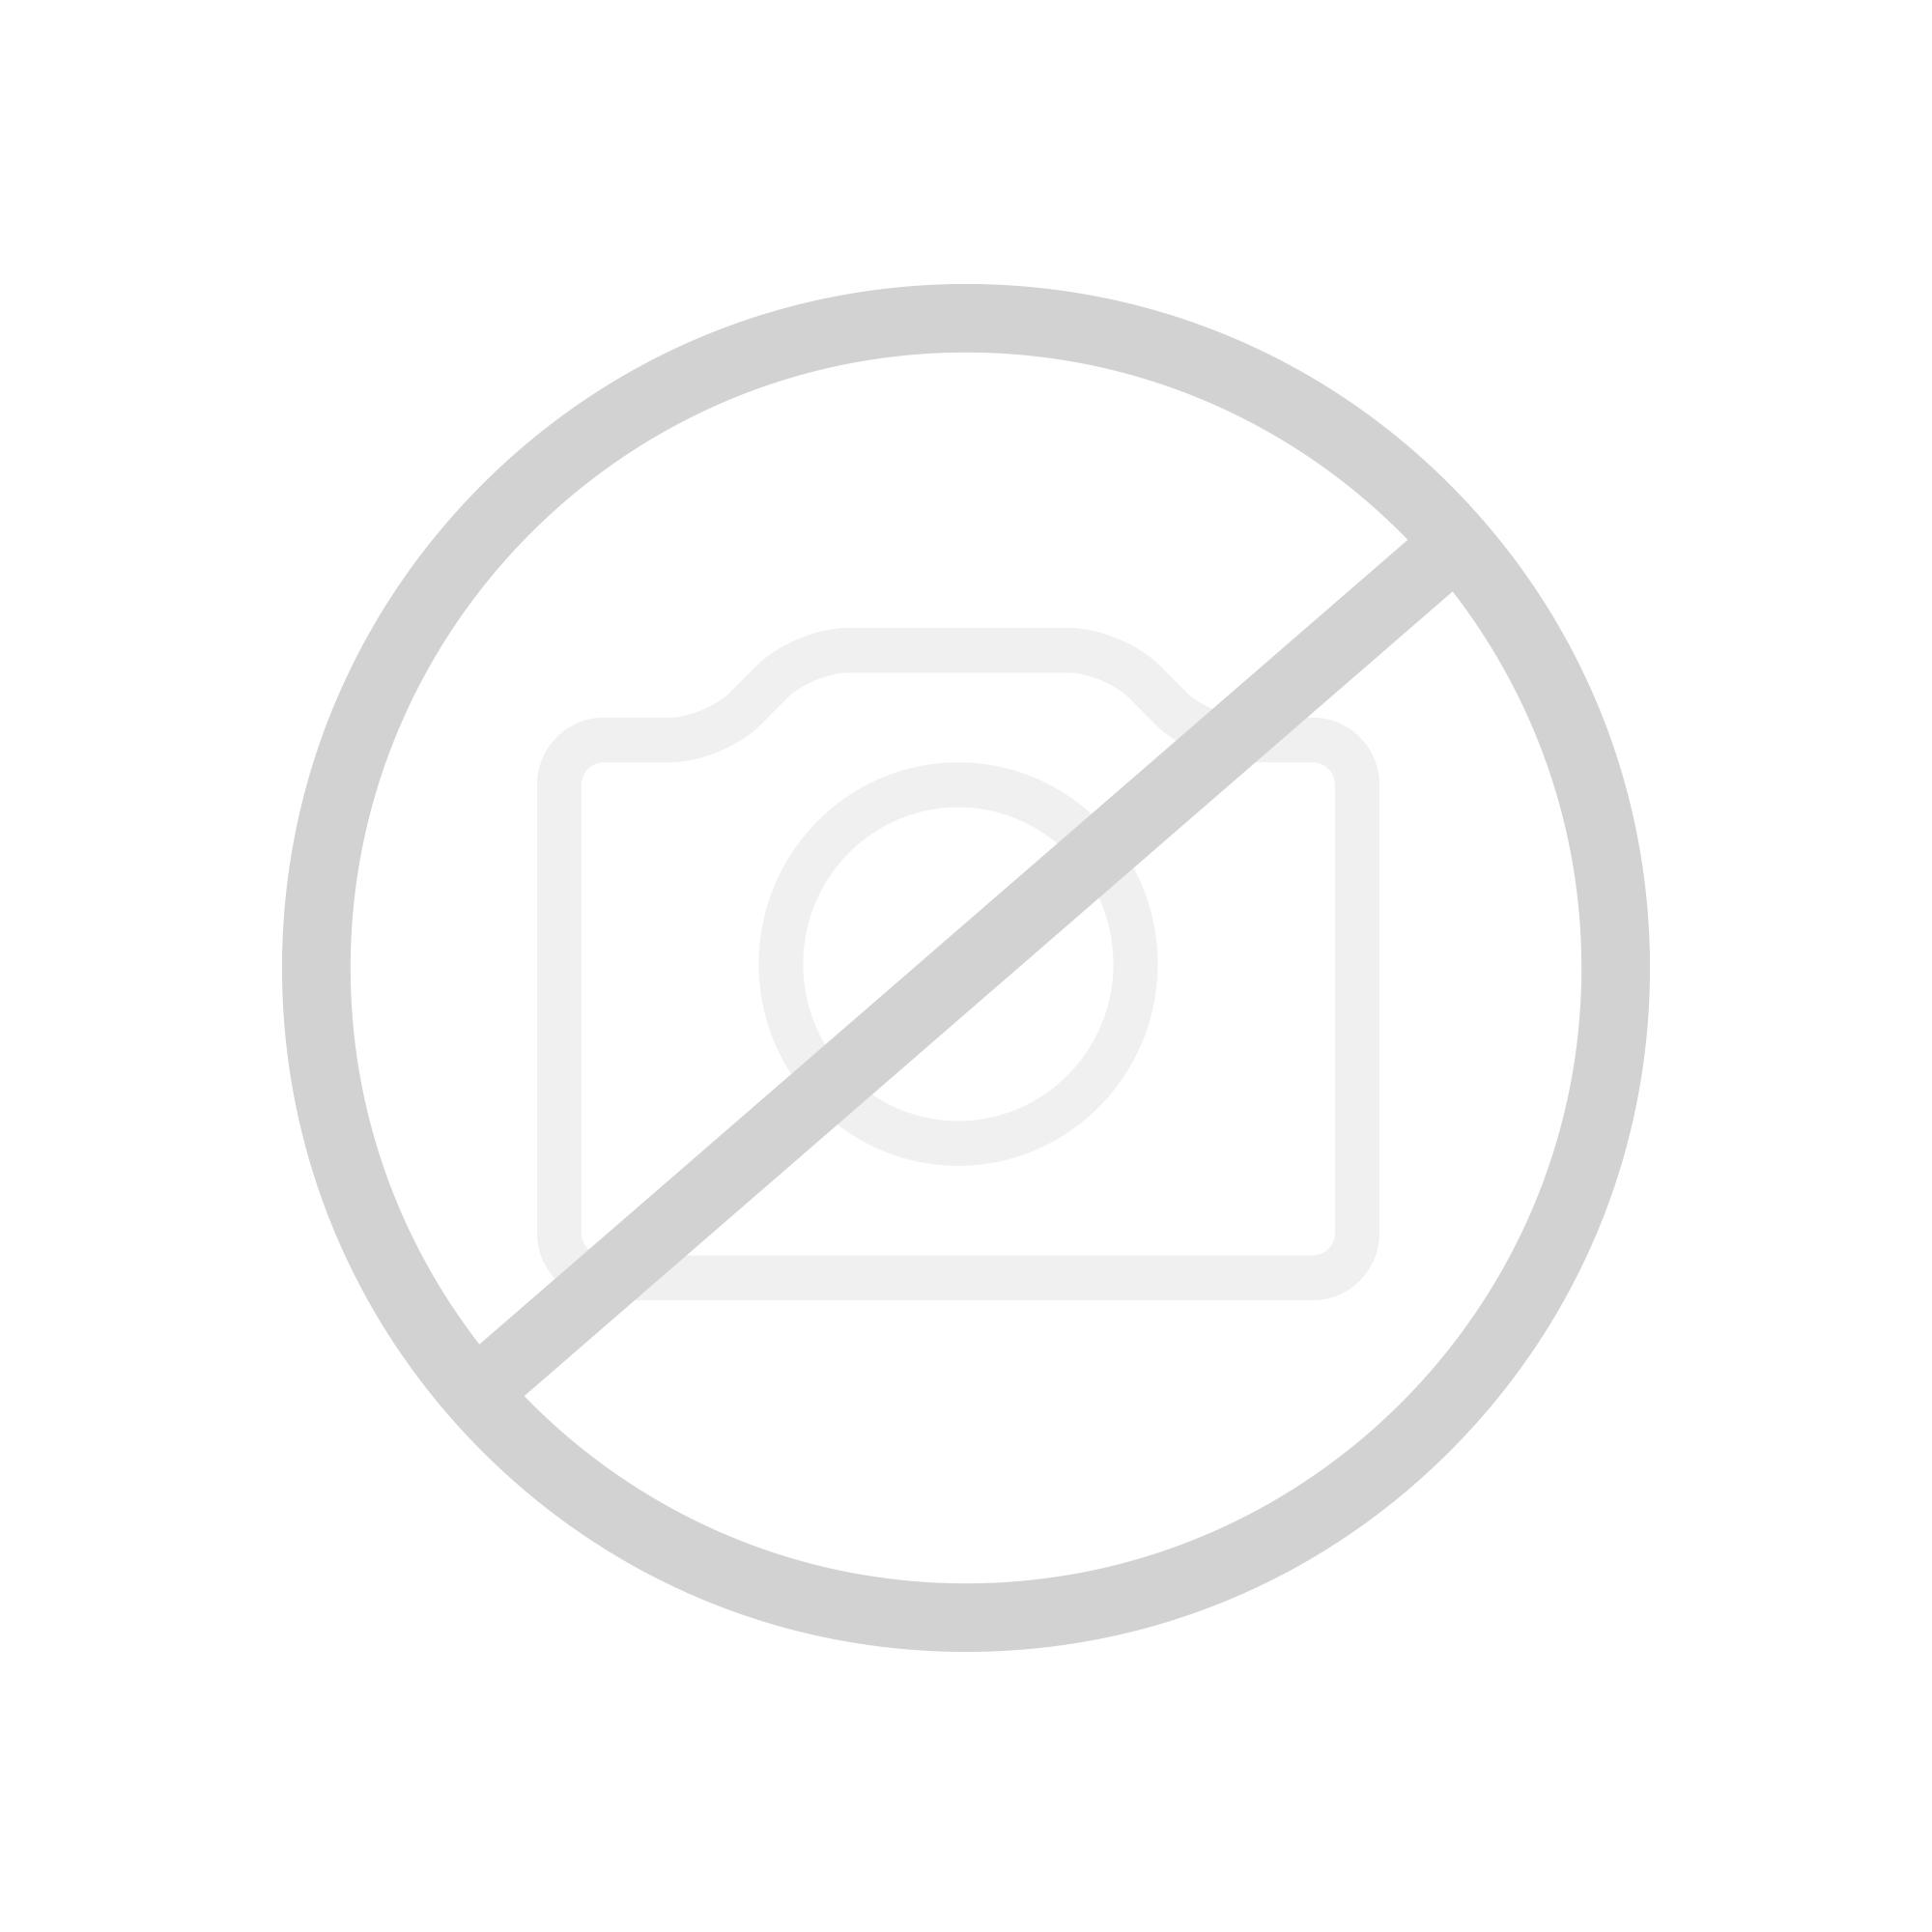 scarabeo ersatzteil f r bucket waschbecken handtuchhalter 40 cm 8806 reuter onlineshop. Black Bedroom Furniture Sets. Home Design Ideas